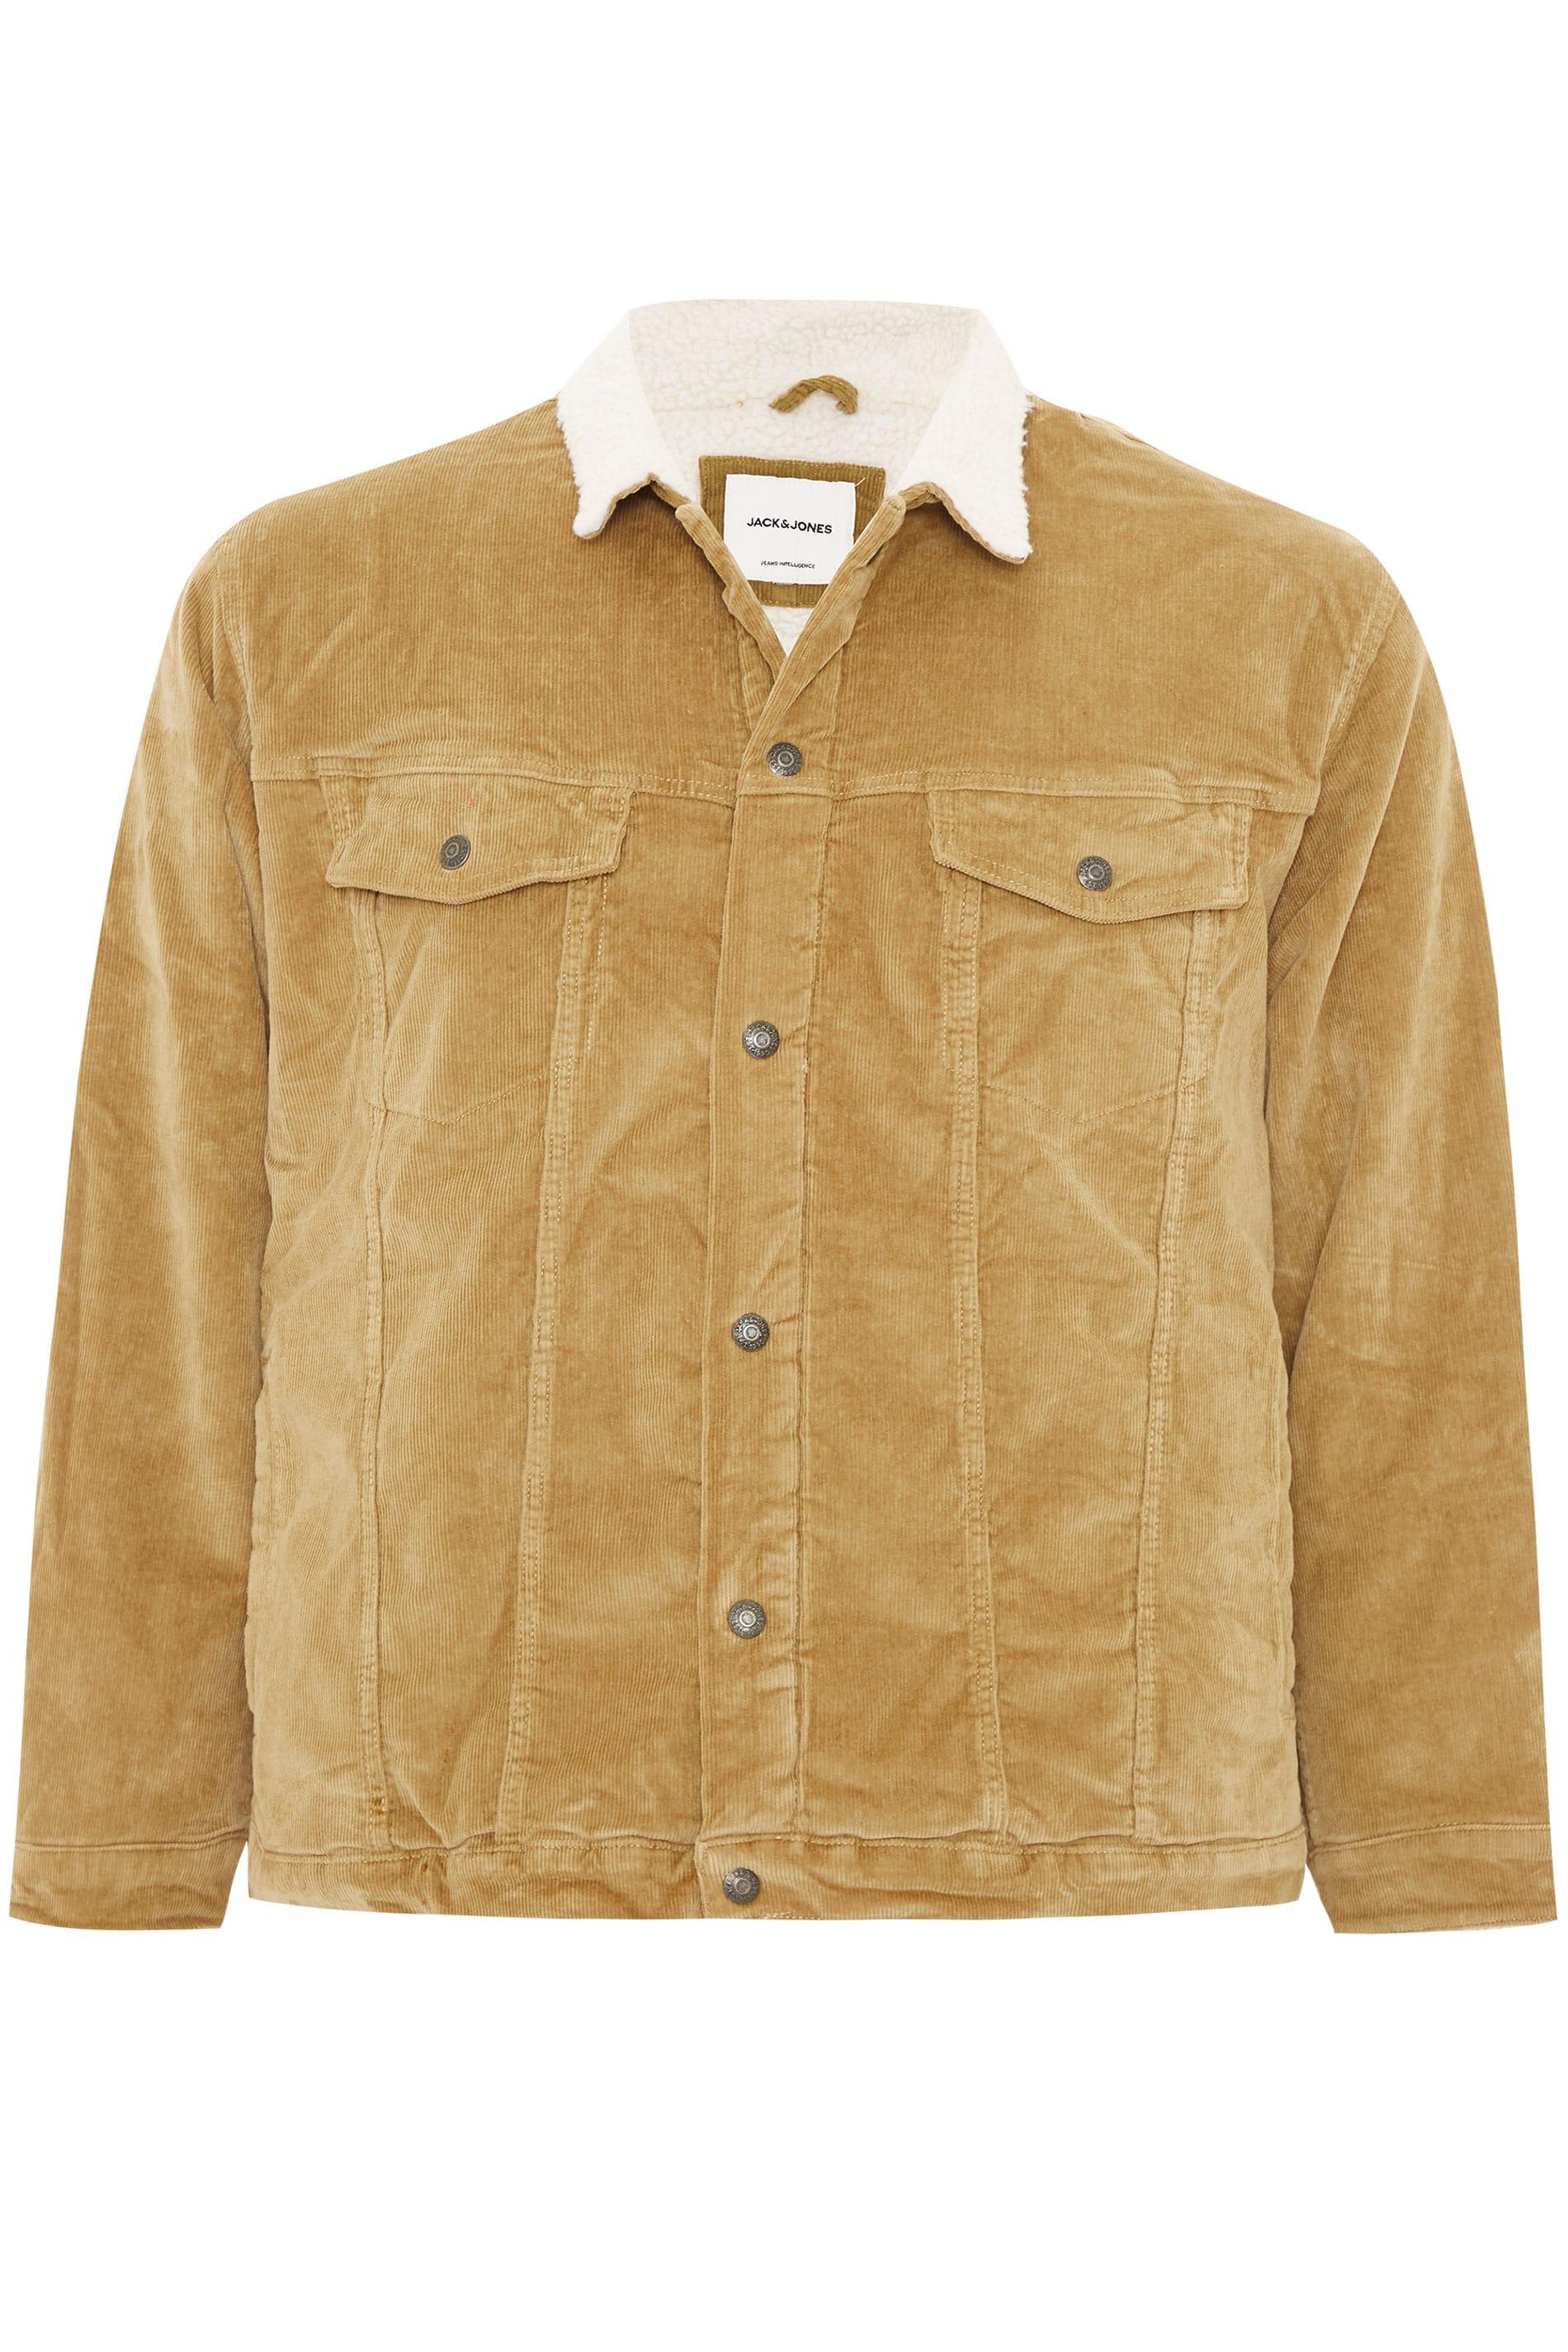 JACK & JONES Stone Corduroy Jacket